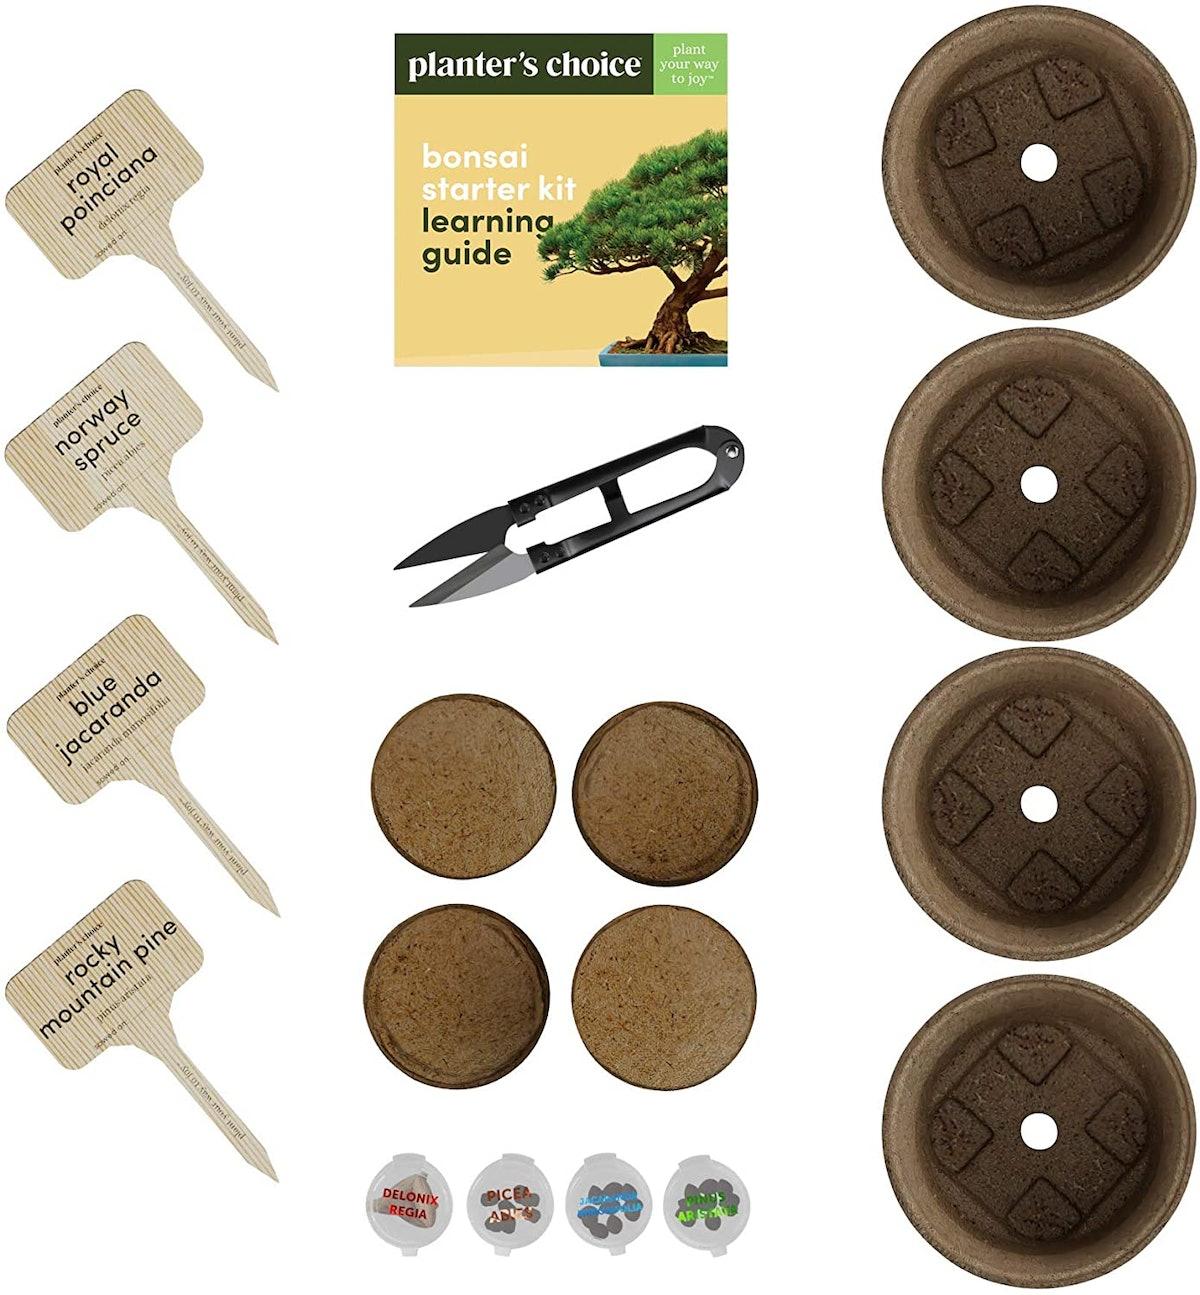 Planter's Choice Bonsai Planter Kit